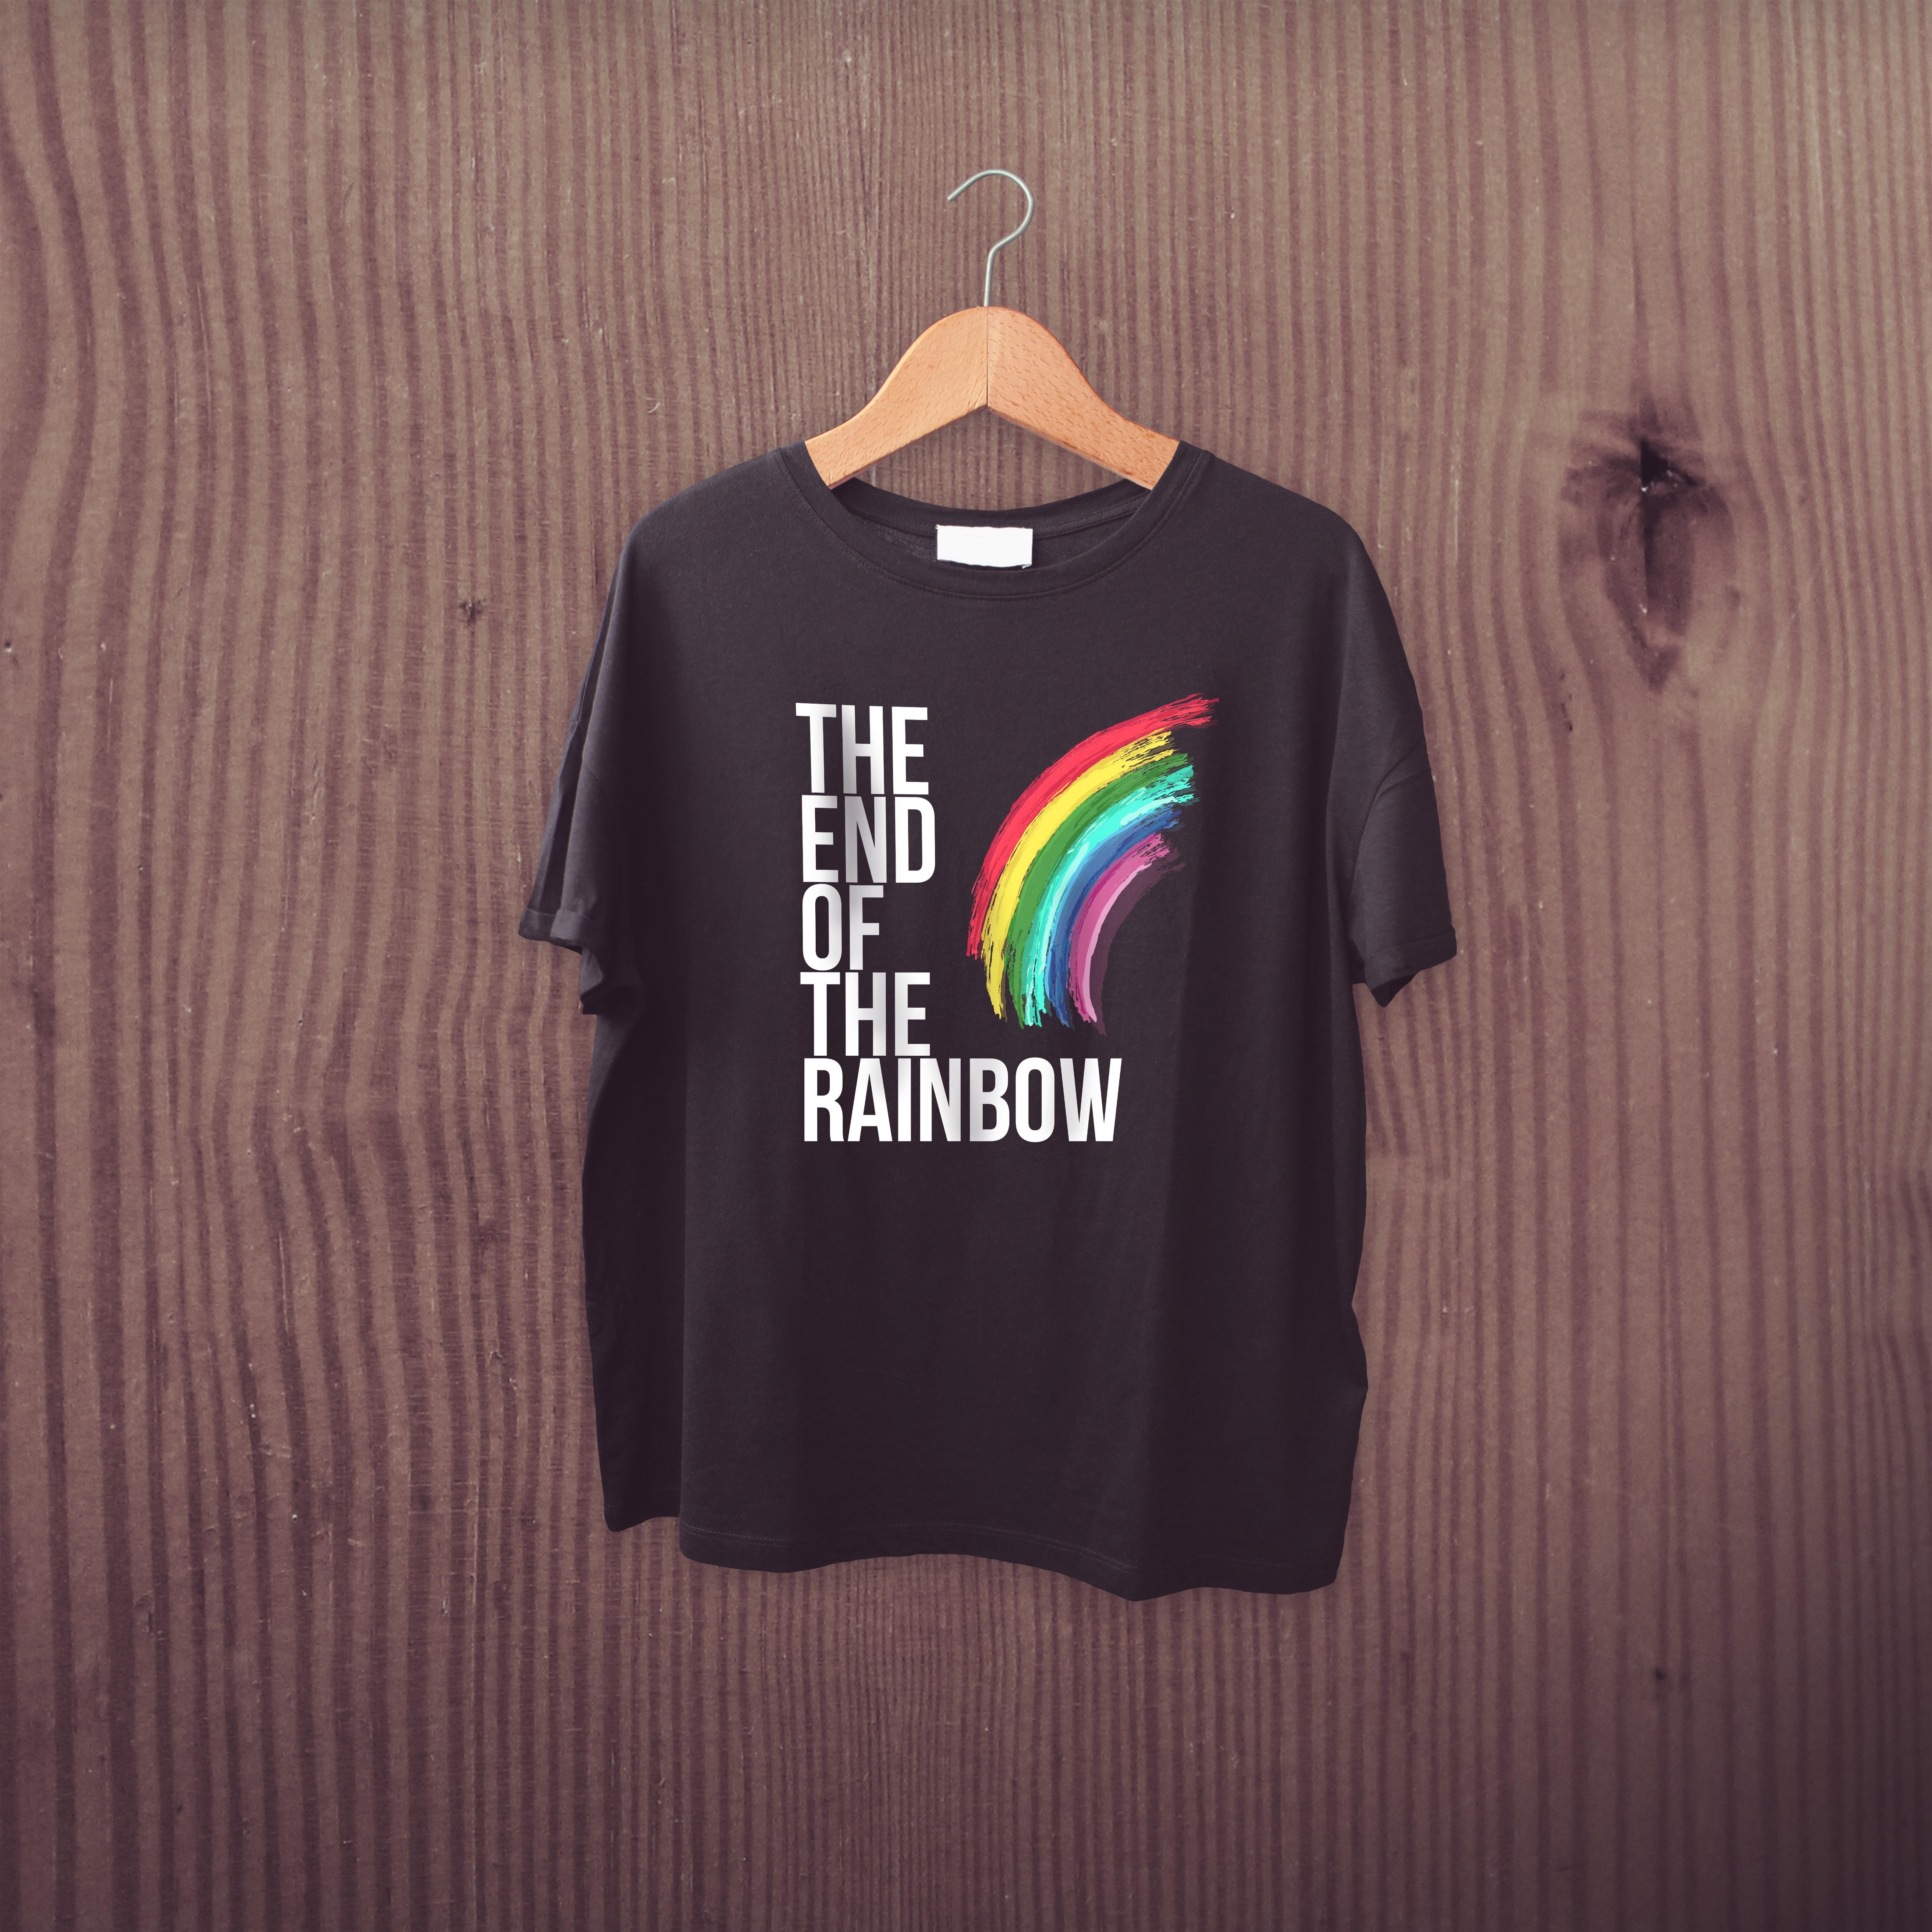 La création de LOGO pour T-Shirt avec Illustrator